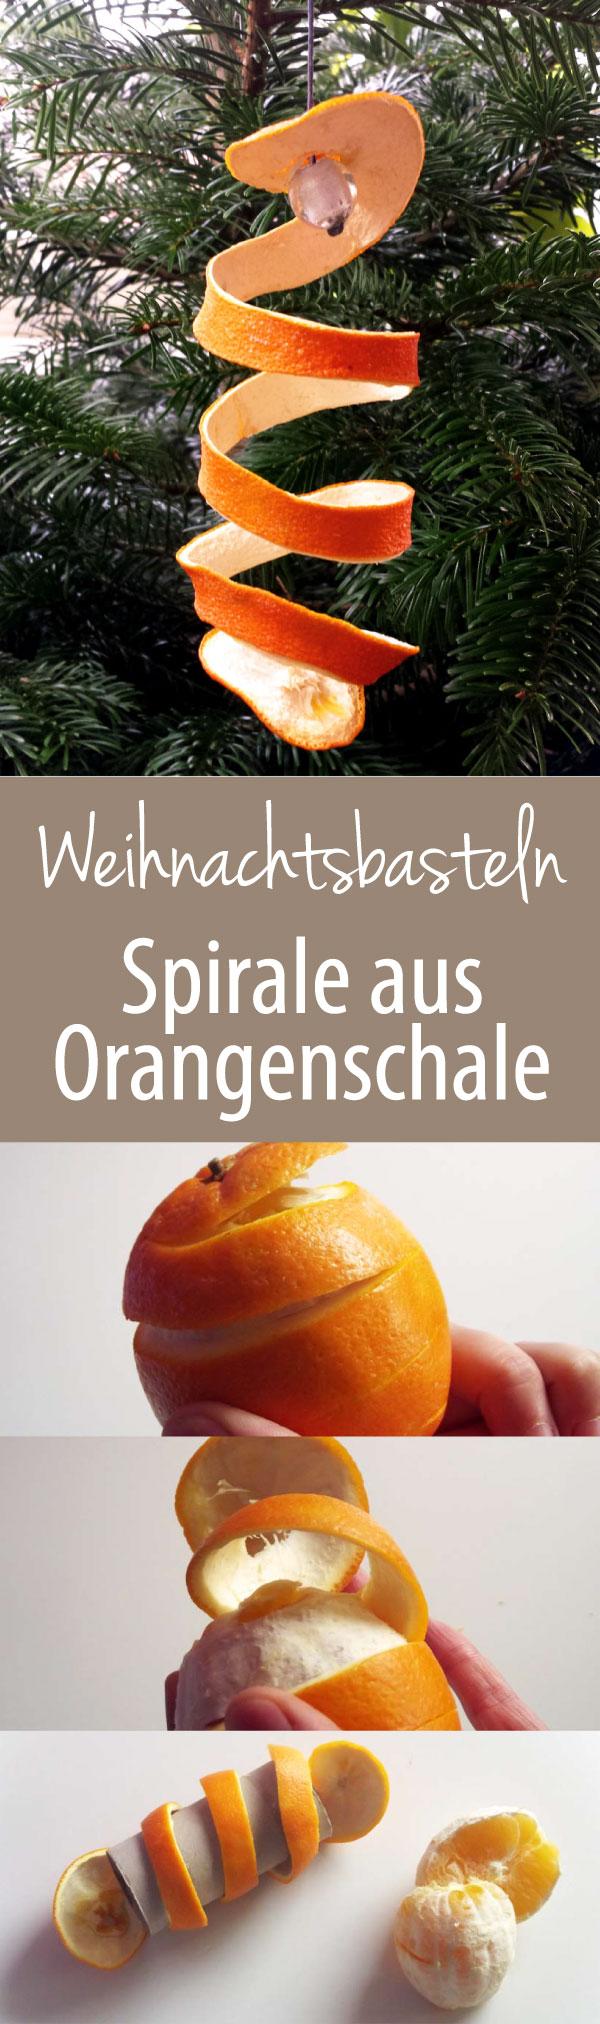 Weihnachtsbasteln Spirale aus Orangenschale DIY